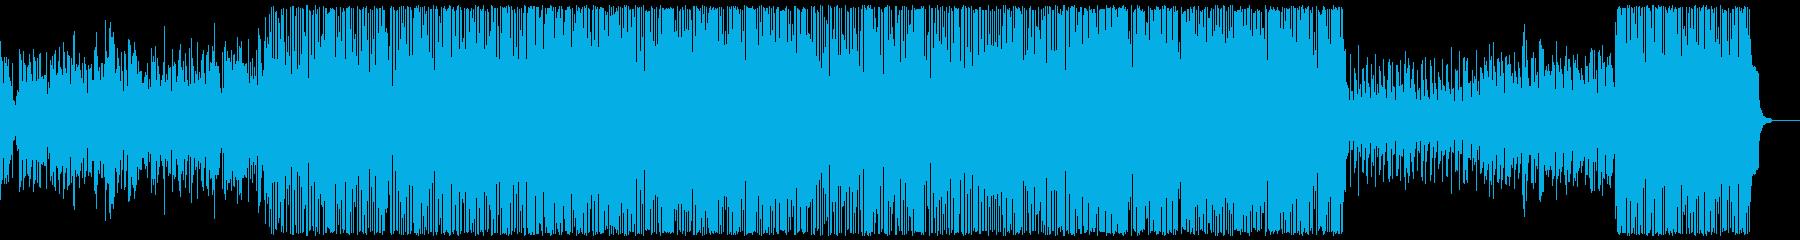 日常の風景の再生済みの波形